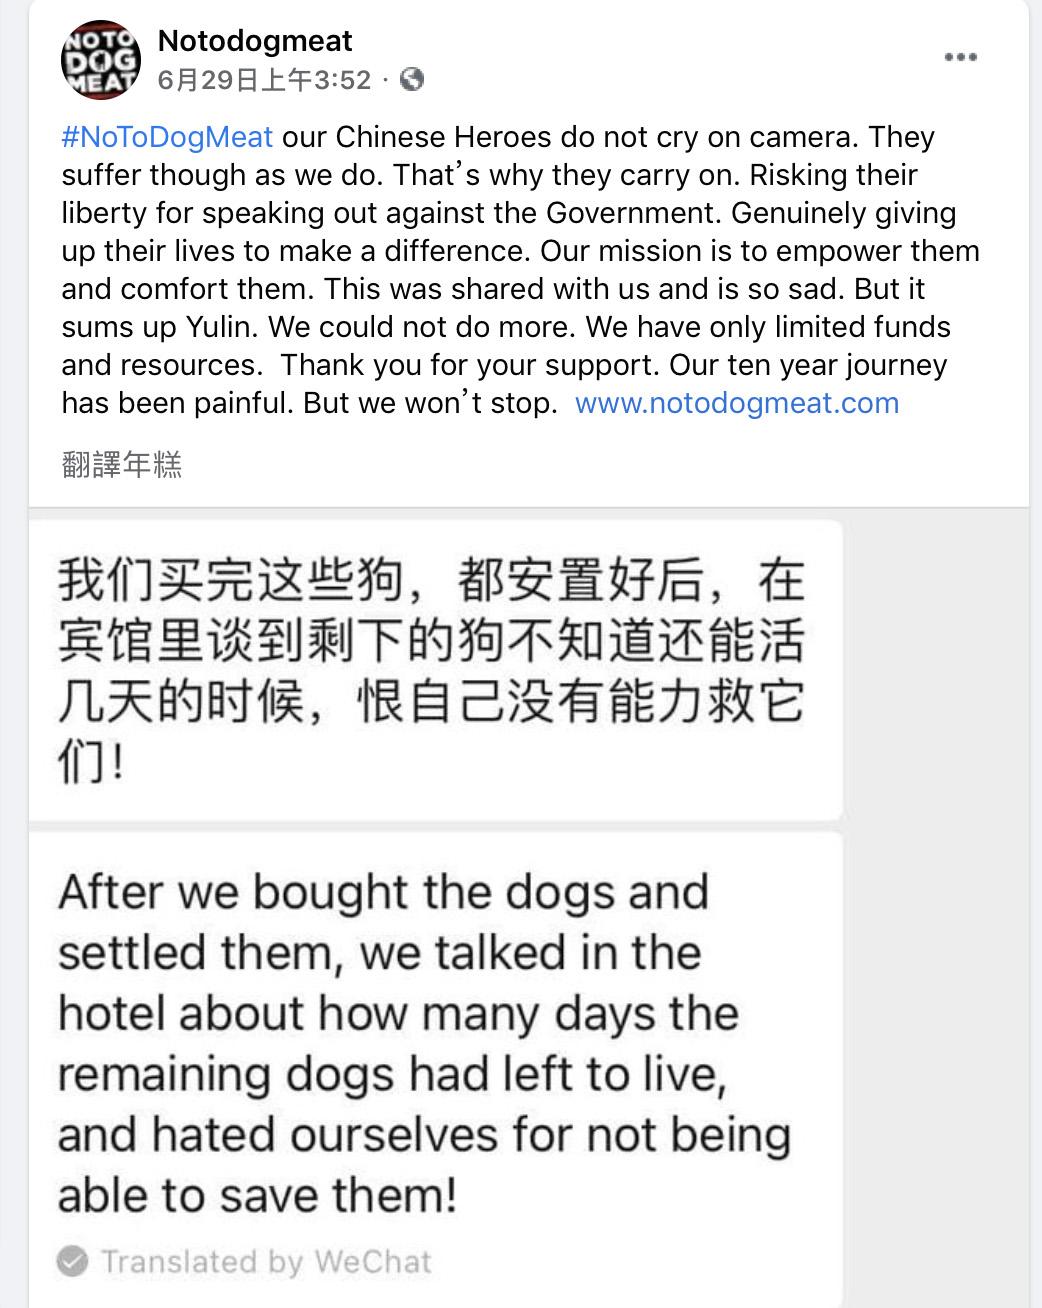 中国动保人士在微信感慨没能买下所有的狗,剩下的狗难逃死劫。(翻摄自NoToDogMeat脸书)